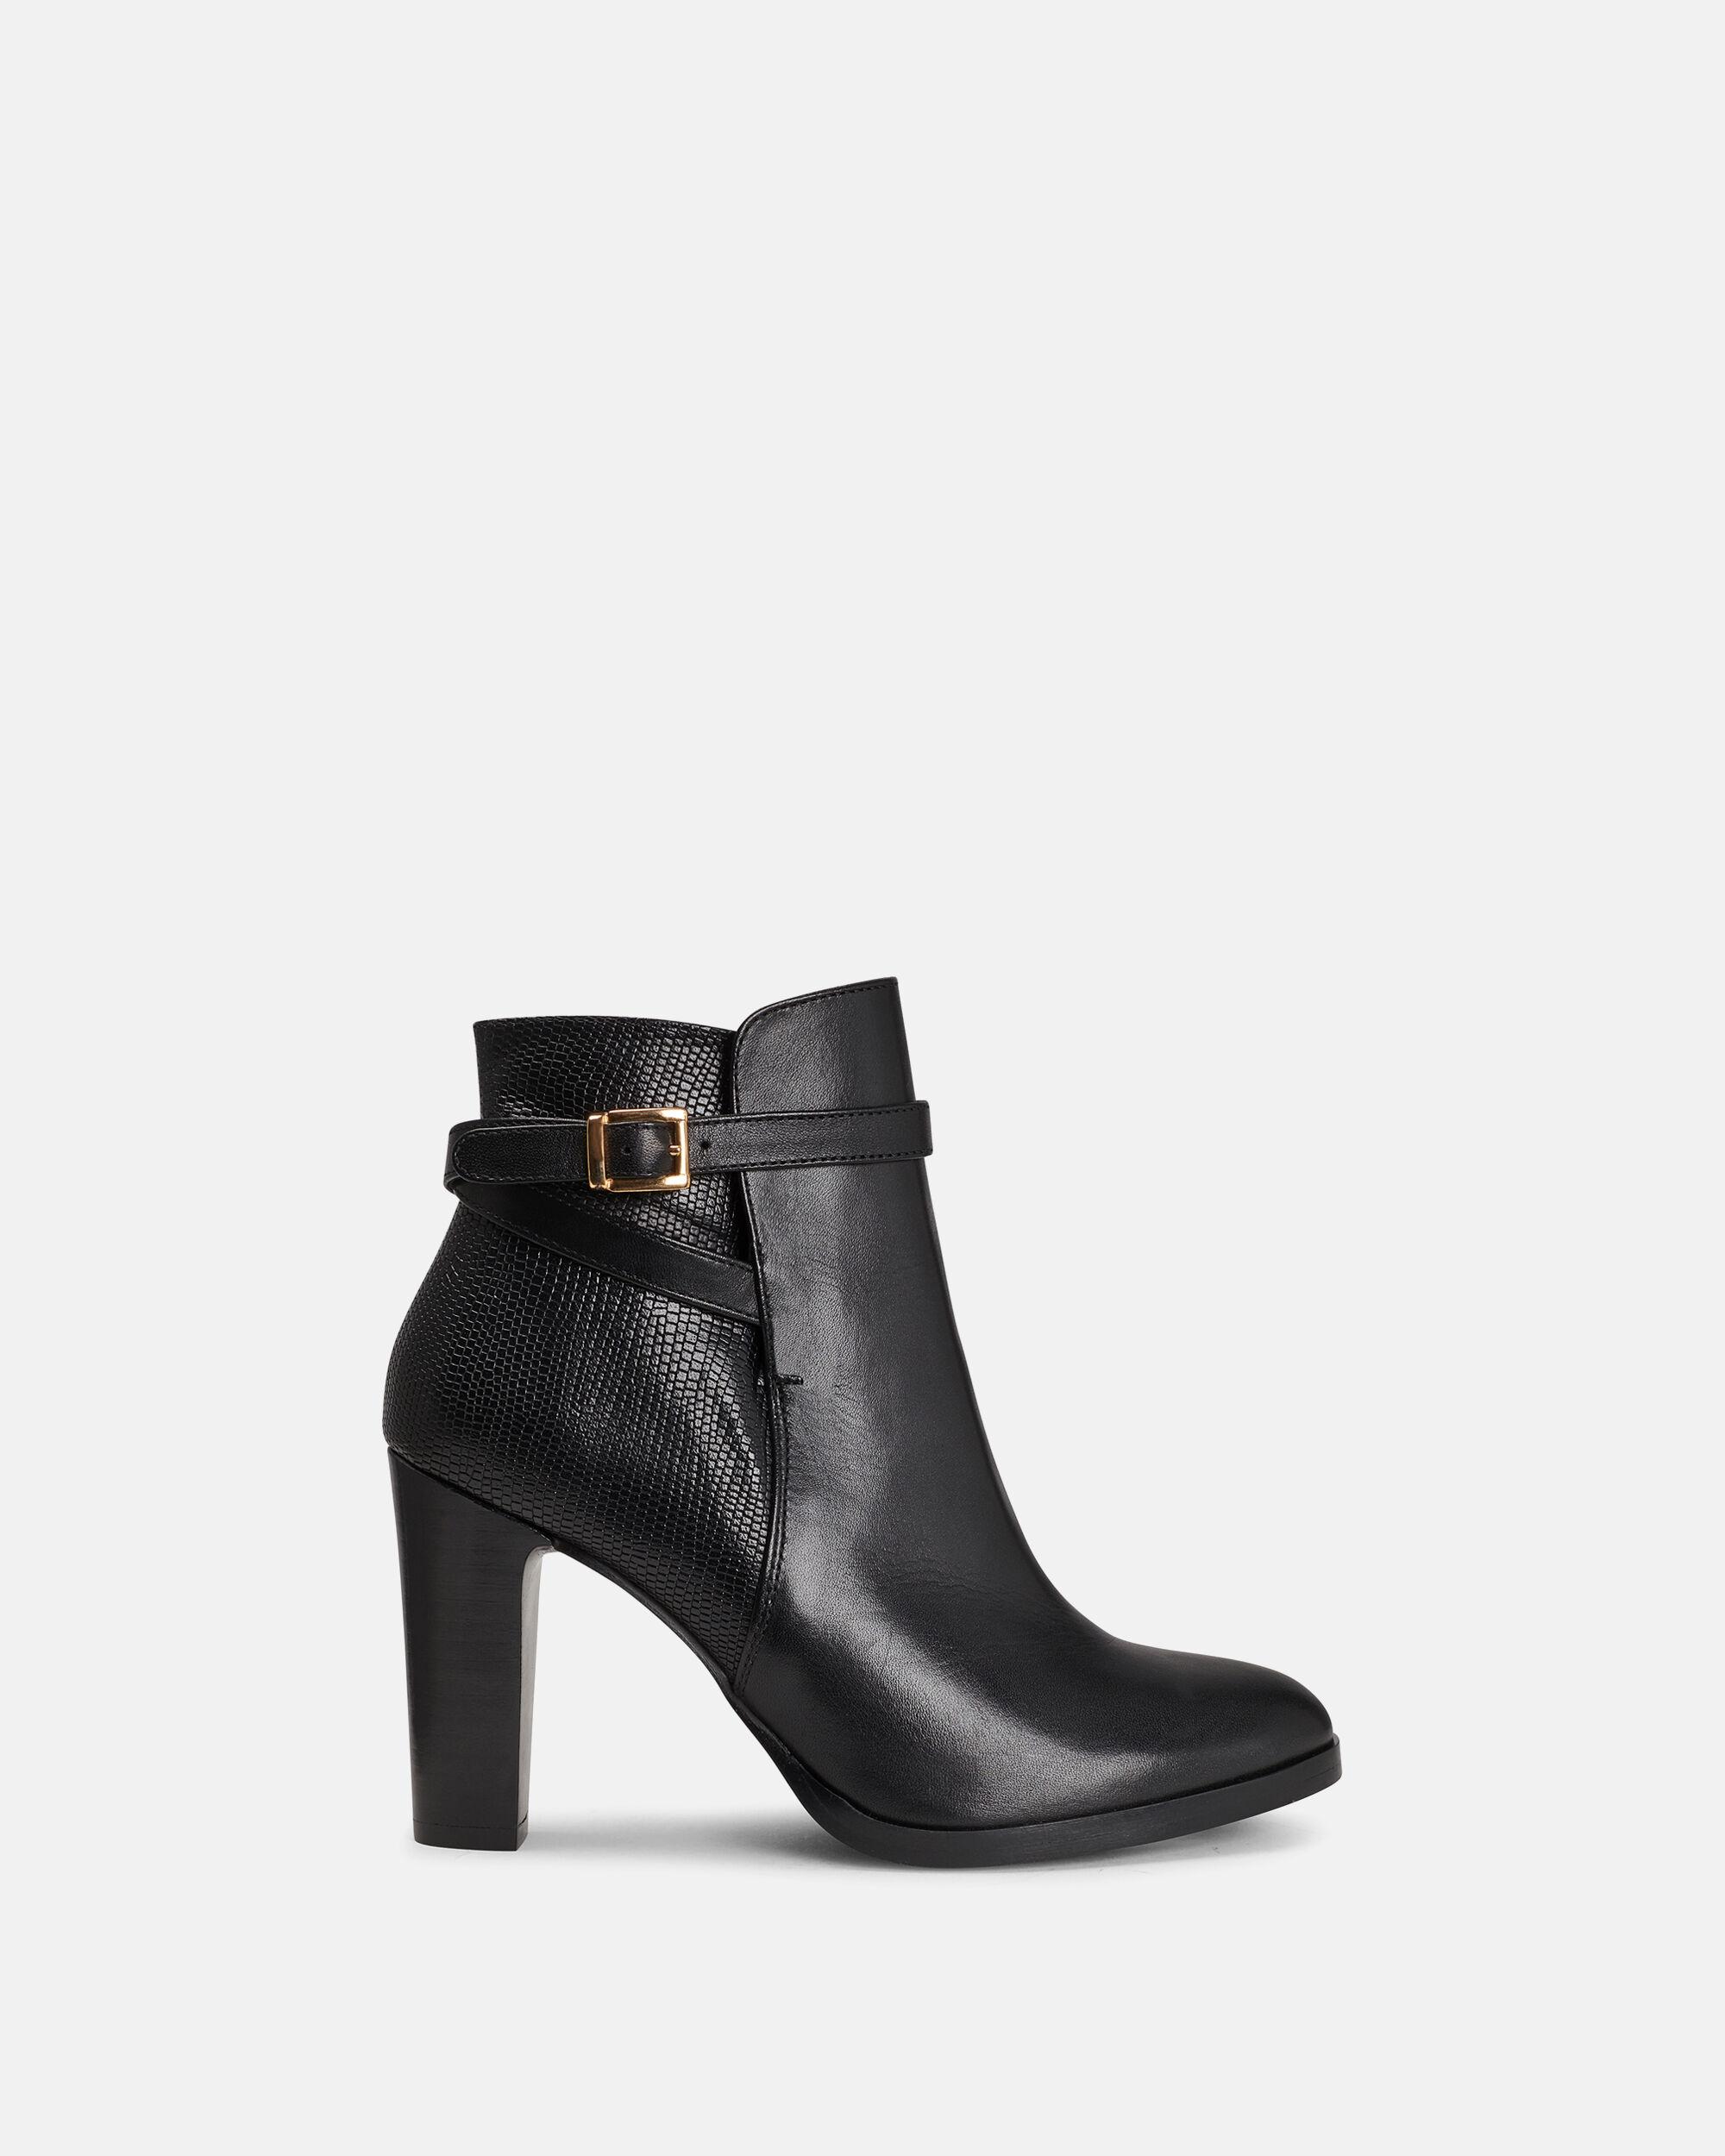 Chaussures Femme , Chaussure tendance pour femme chez Minelli